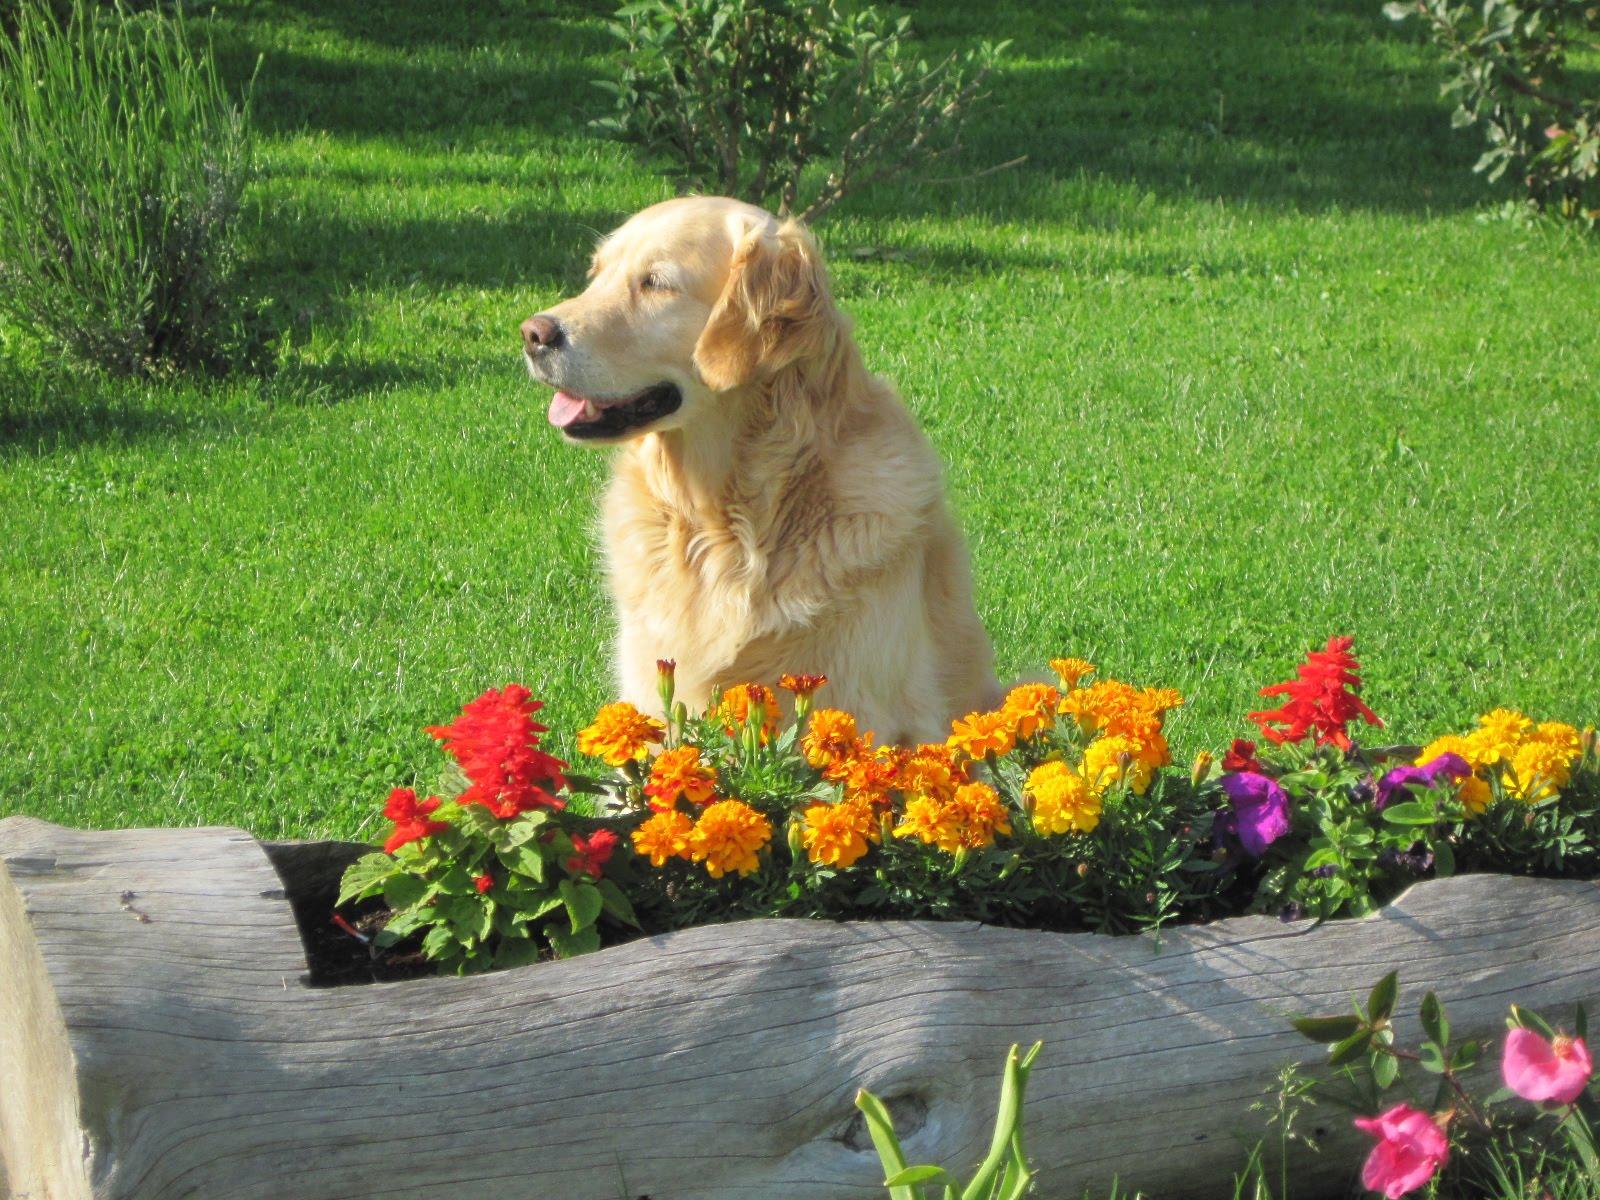 Cane e giardino gli accessori per arredare il giardino - Eliminare odore pipi cane giardino ...